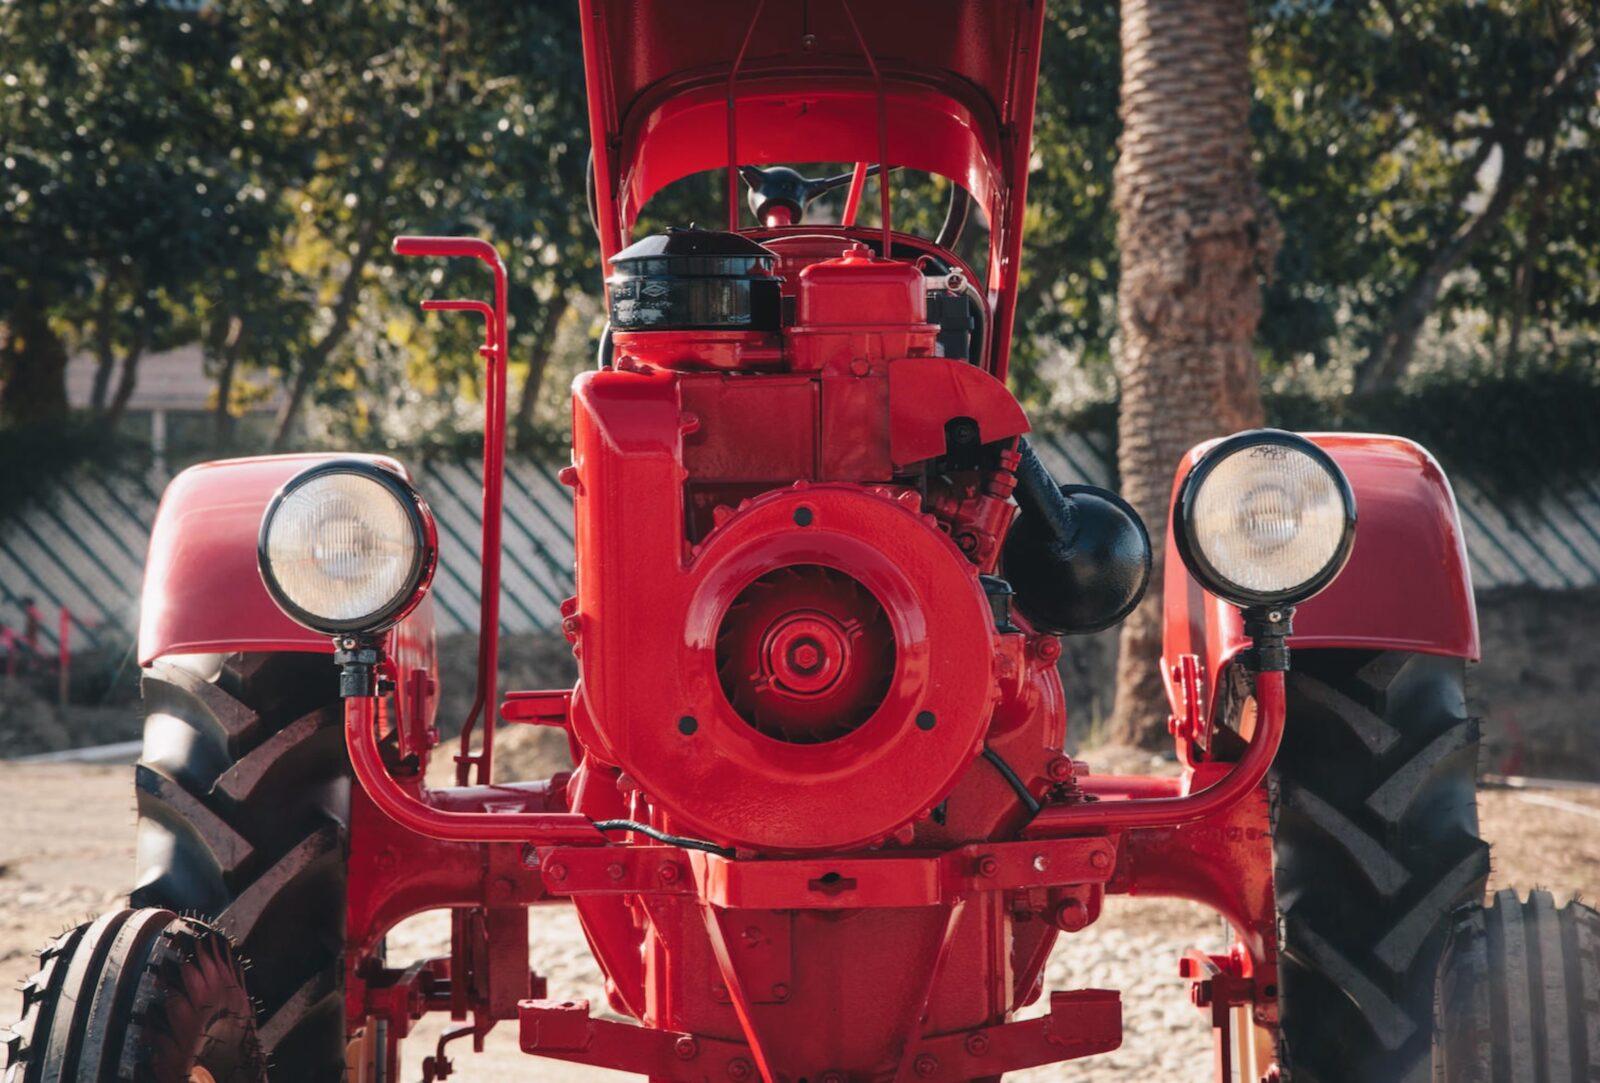 Porsche Tractor 6 1600x1083 - Porsche Tractor - A Rare 1961 Porsche Junior 108